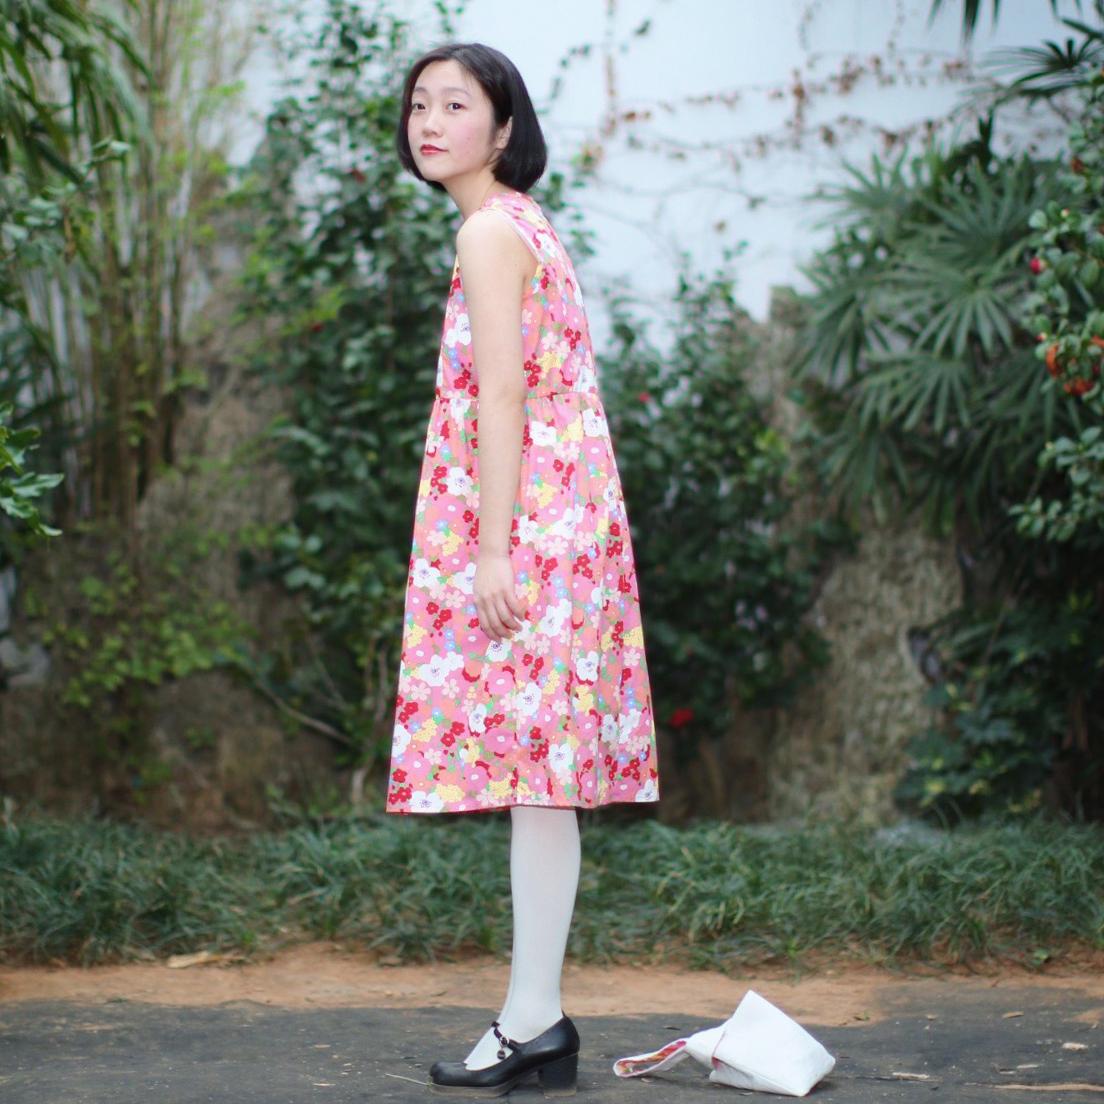 sansastore原创设计春日山茶基础款无袖连衣裙娃娃裙